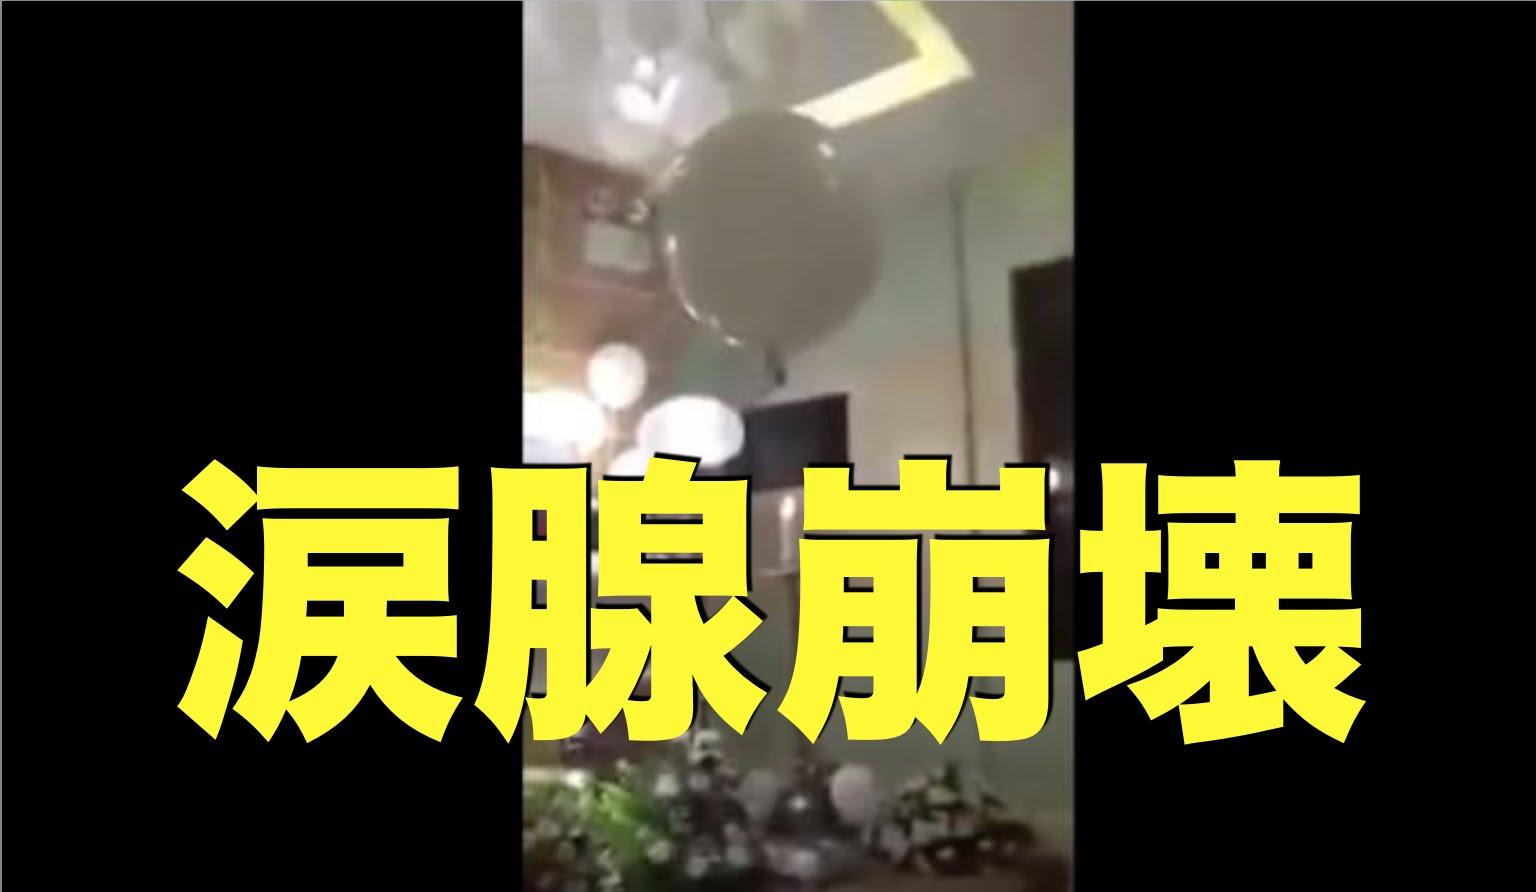 【涙腺崩壊】赤ちゃんのお葬式で風船が巻き起こした感動の奇跡!号泣必至やわ!